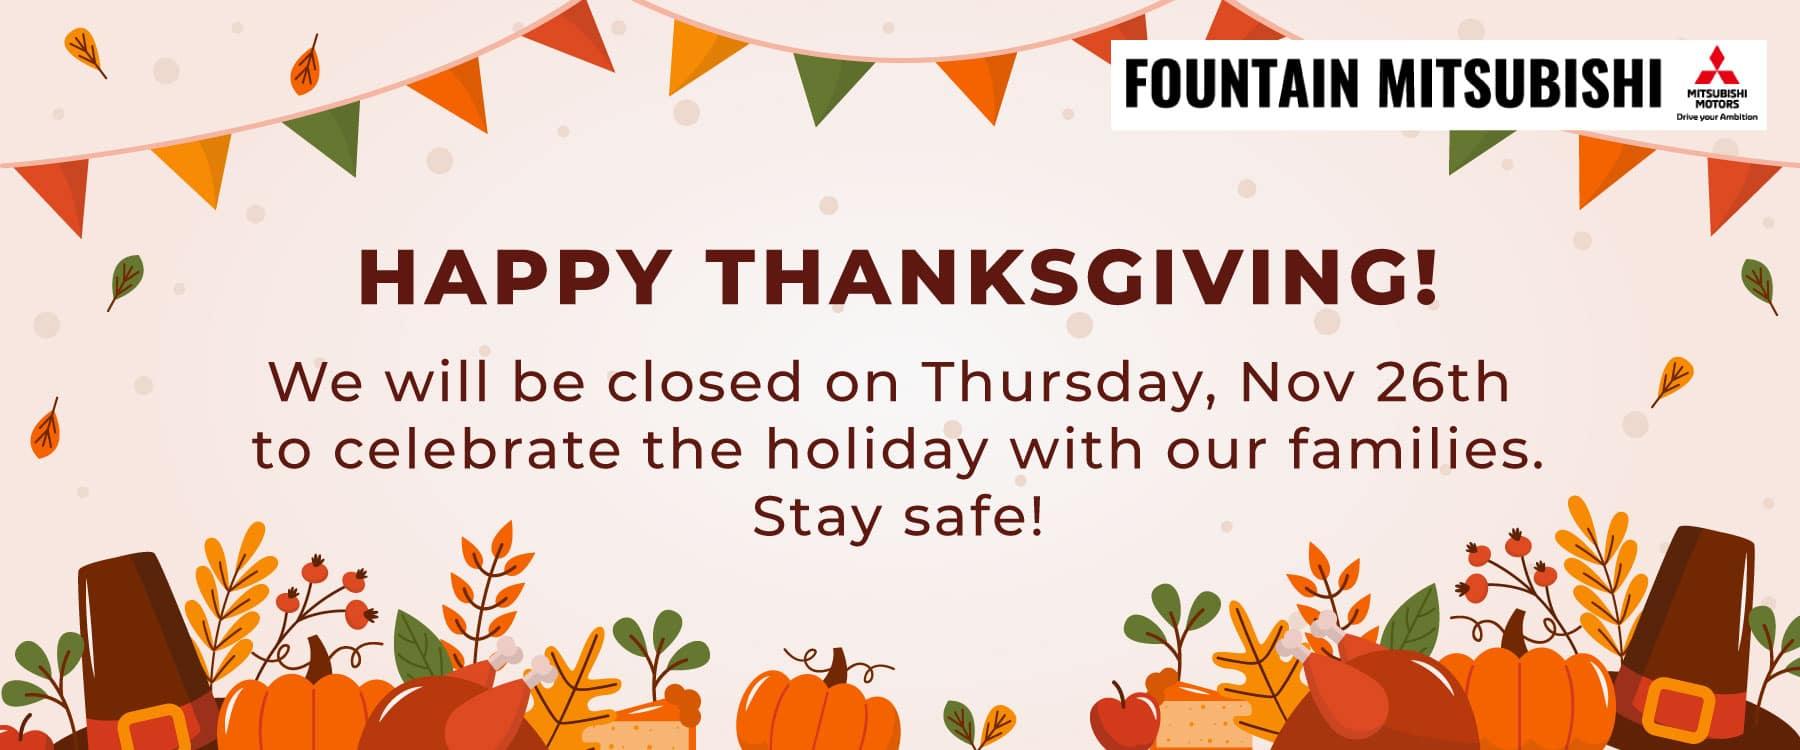 FM-2011-Thanksgiving-slide